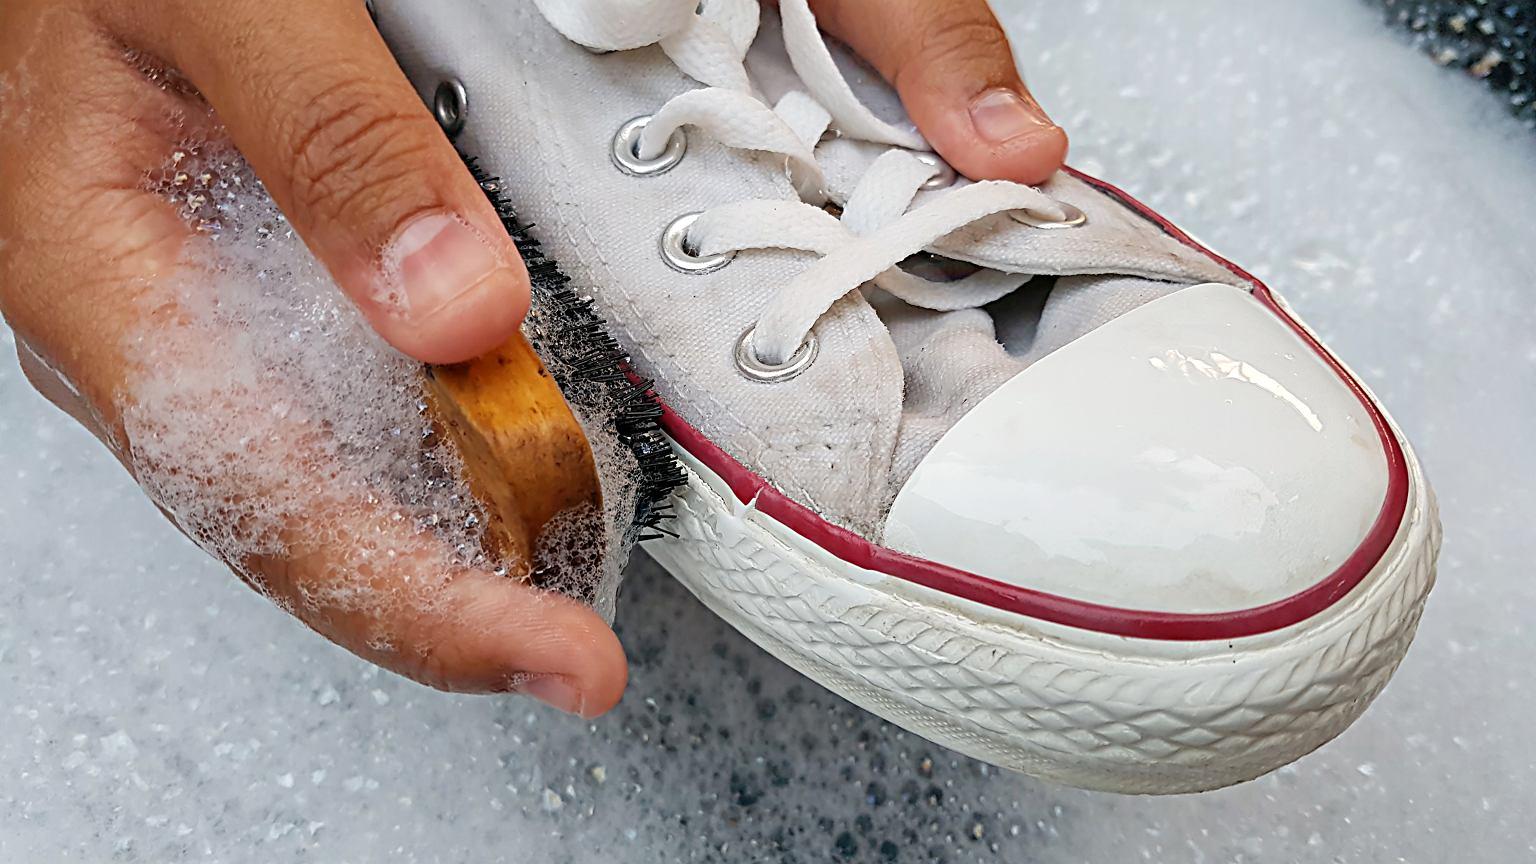 Jak Wyczyscic Biale Buty Nie Niszczac Ich Pomoga Tanie Produkty Ktore Na Pewno Masz Juz W Swoim Domu